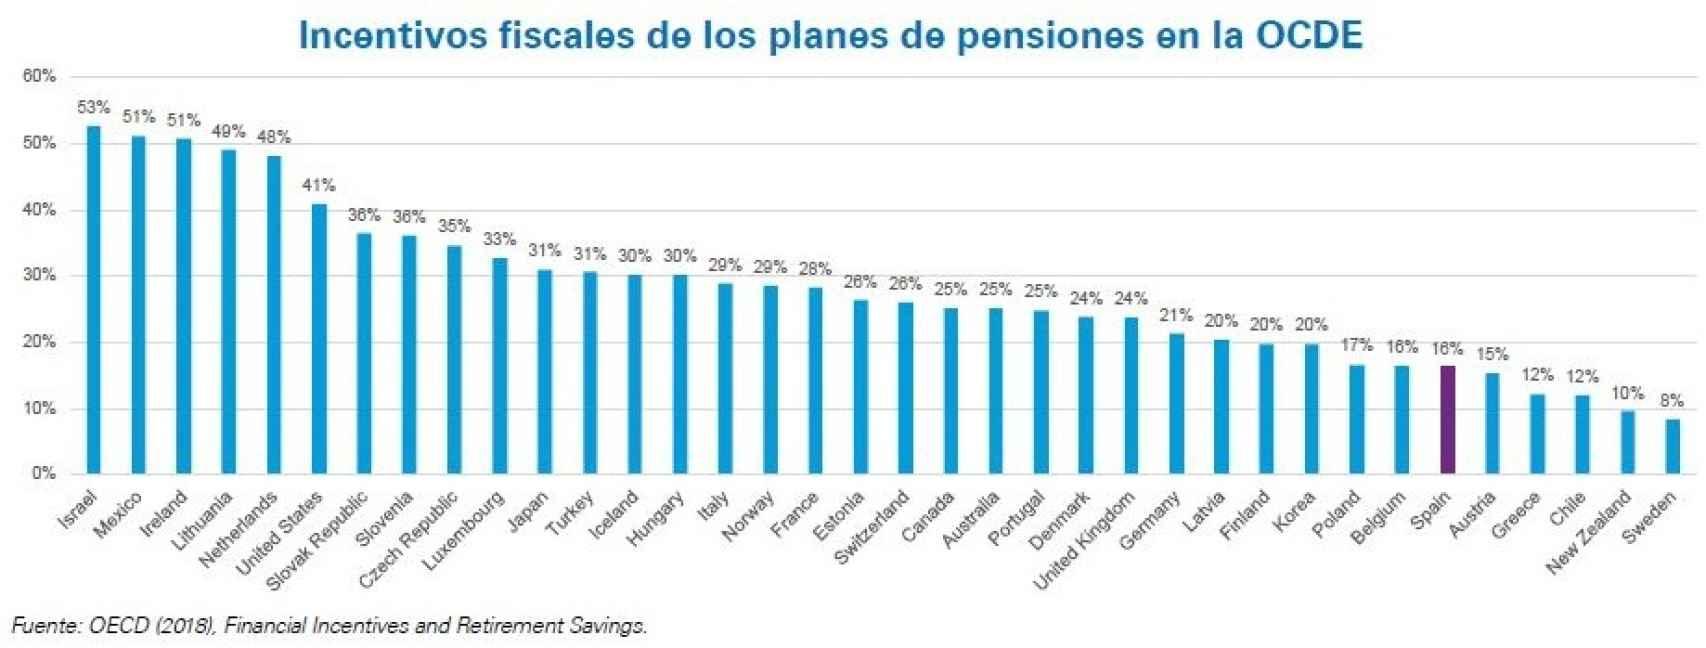 Incentivos a la previsión social en los países de la OCDE